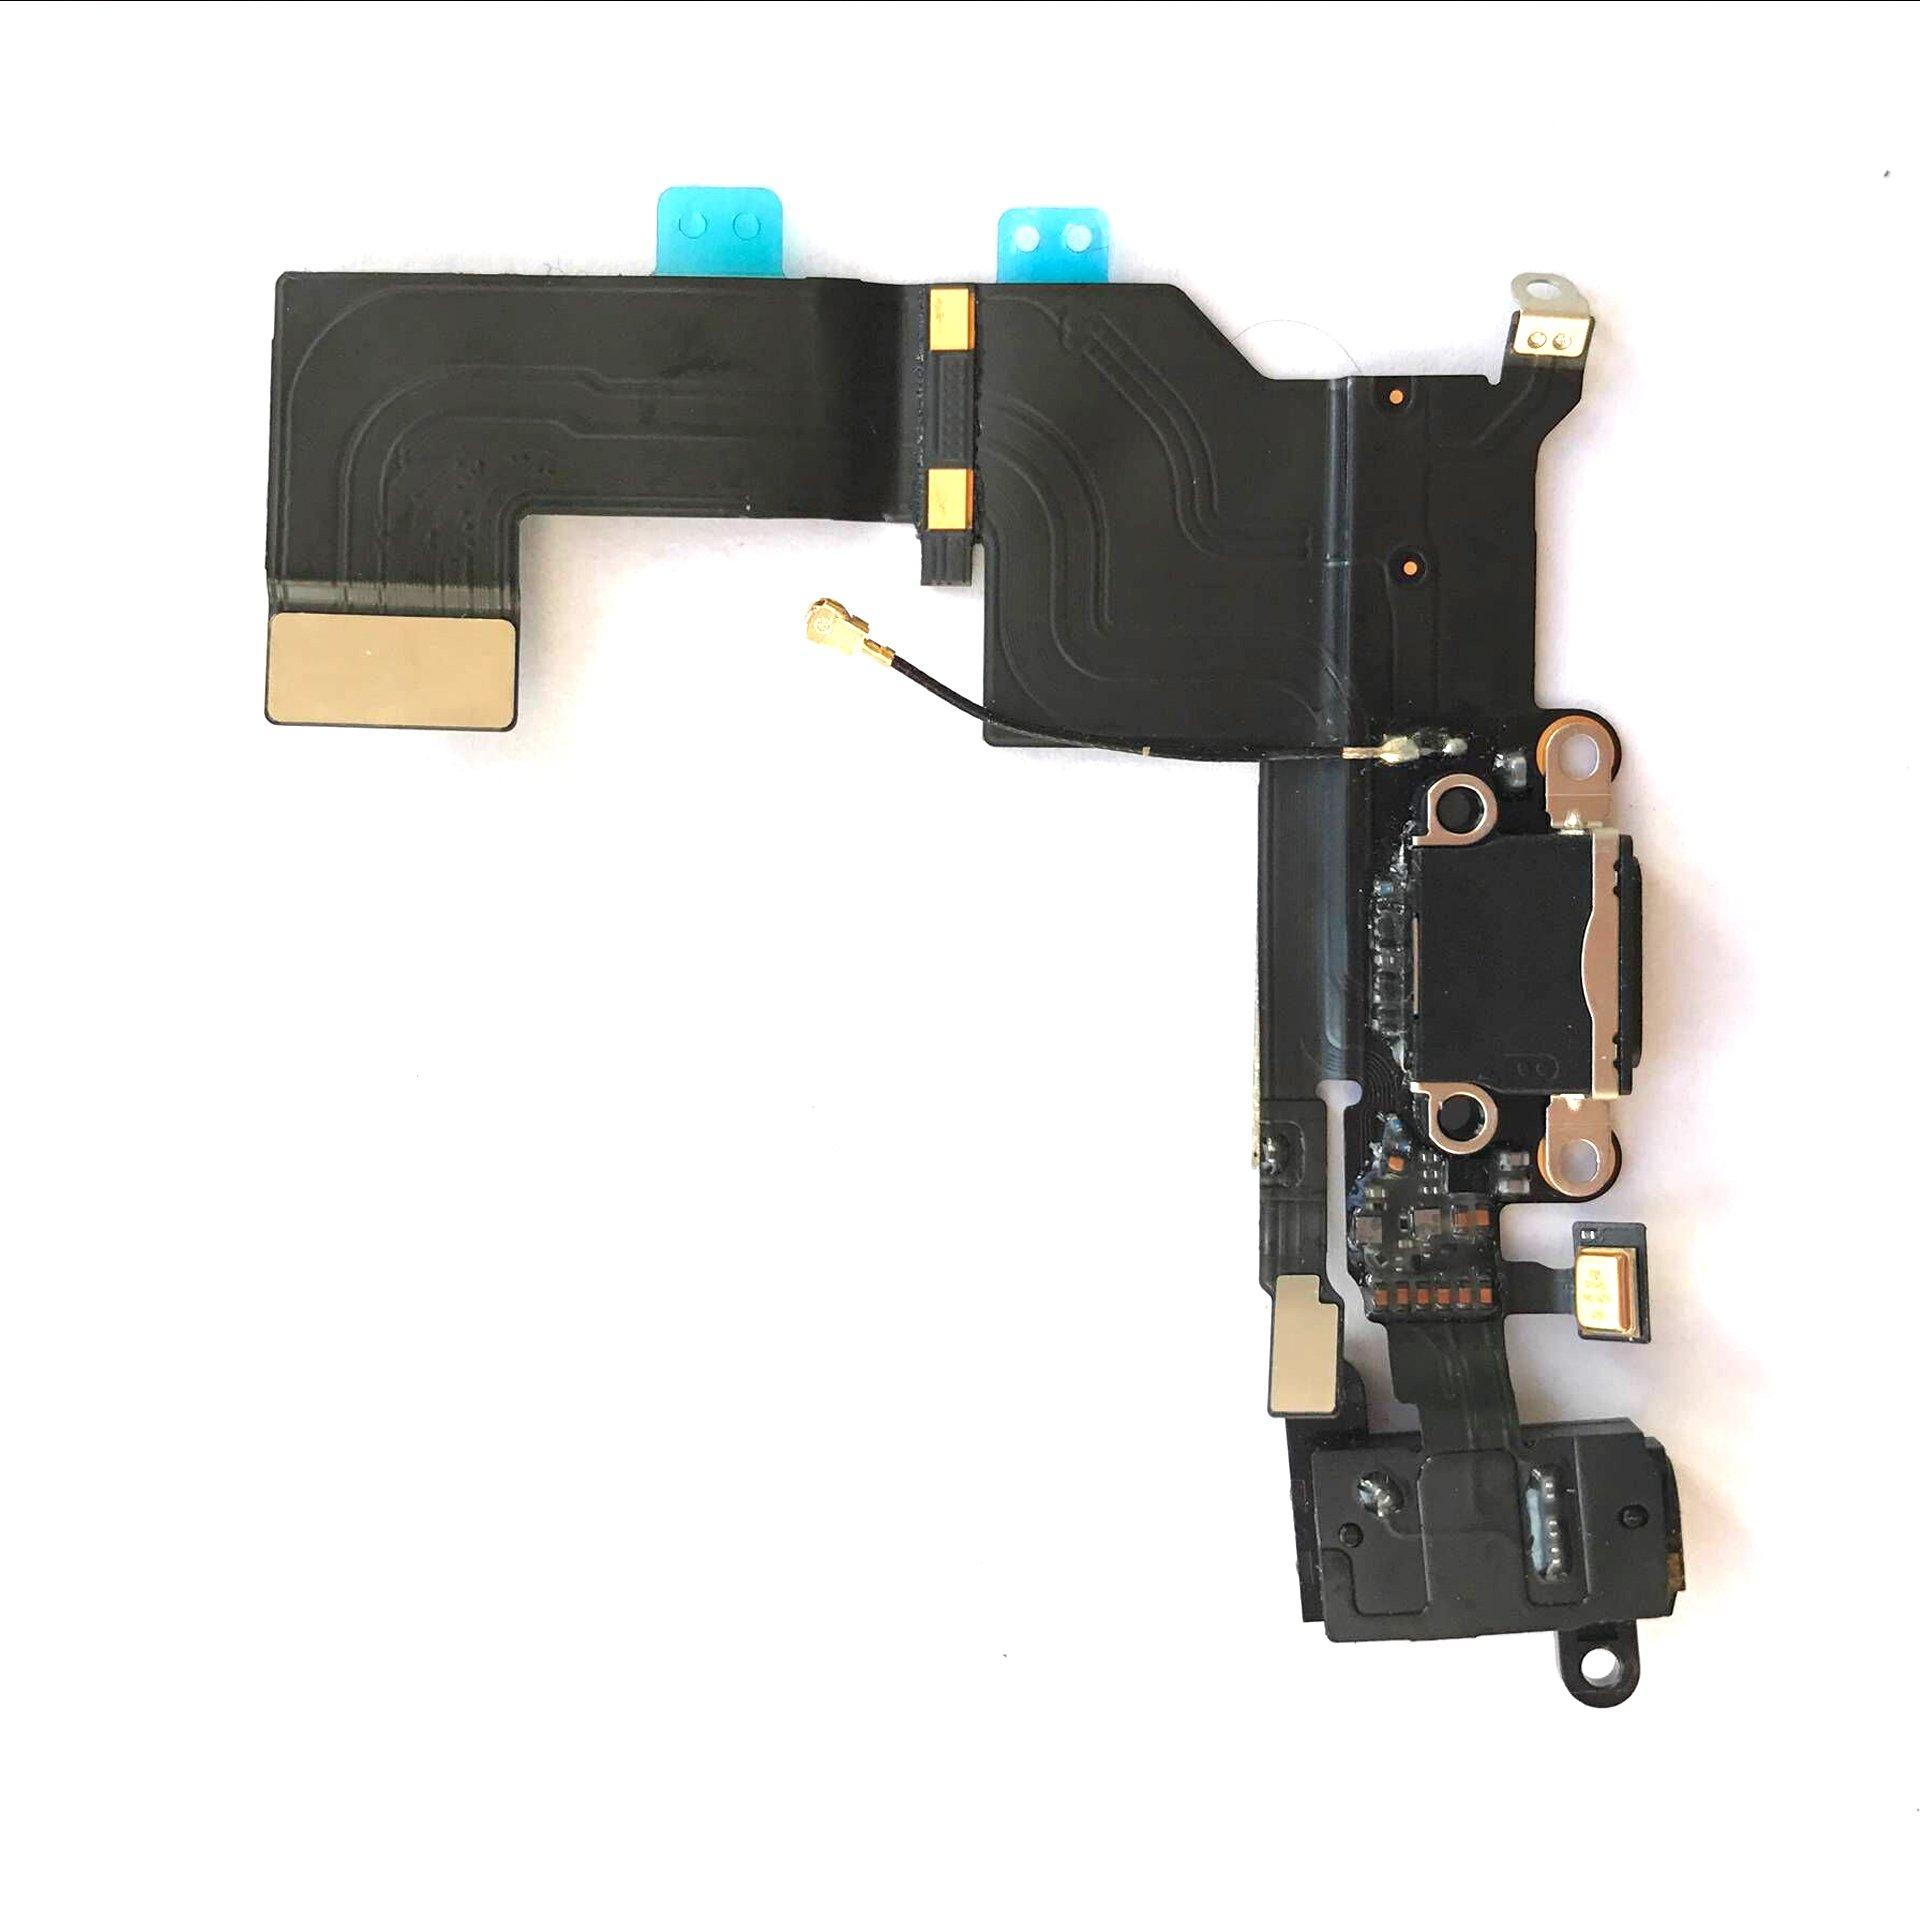 Puerto de Carga para iPhone 5S Black (HNZZ)